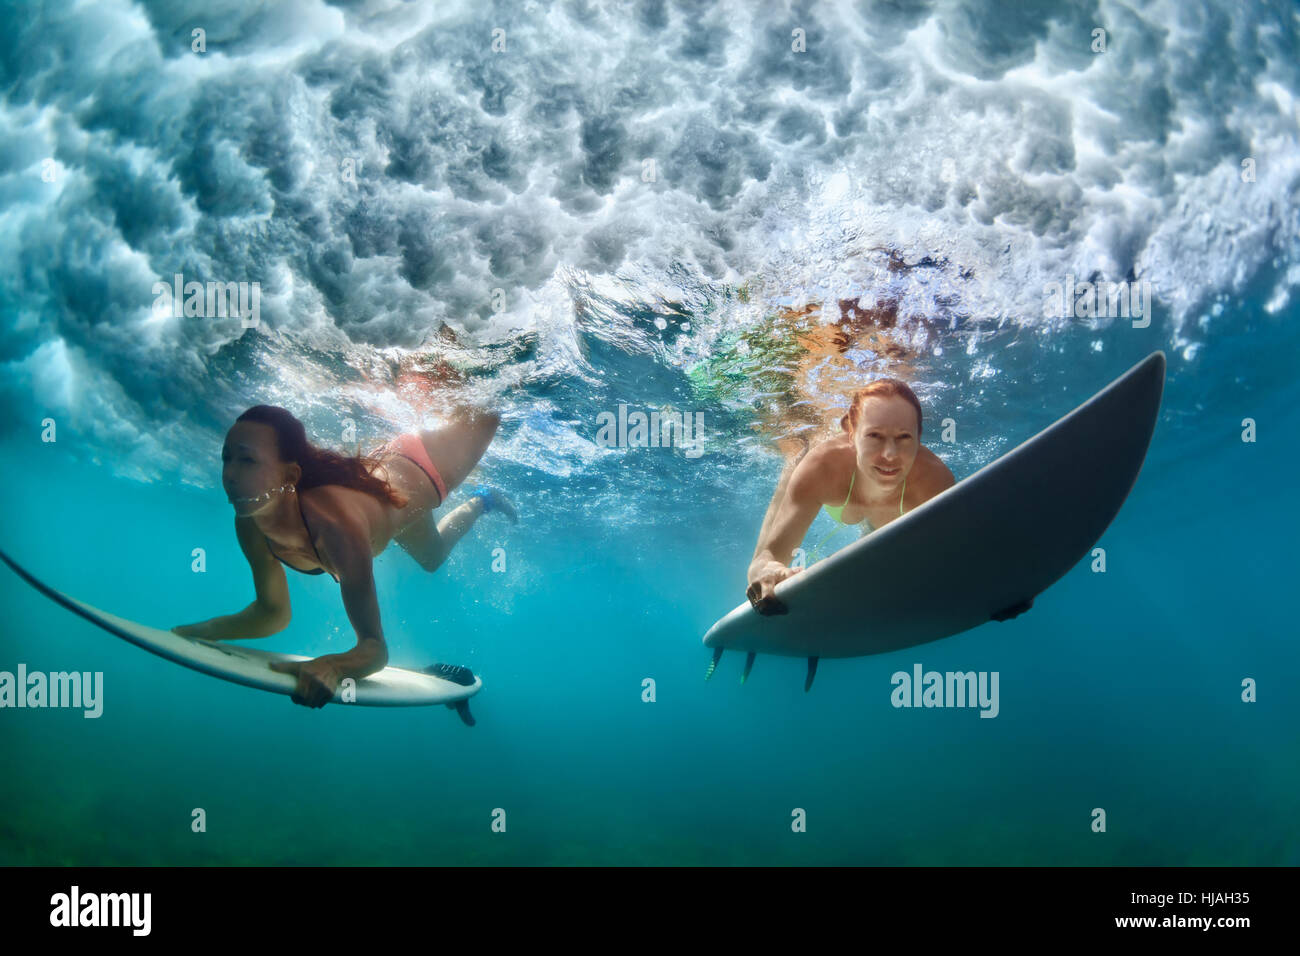 Groupe de filles en action. Les femmes avec surfeur surf board sous-marine Plongée sous déferlante. L'eau, Photo Stock